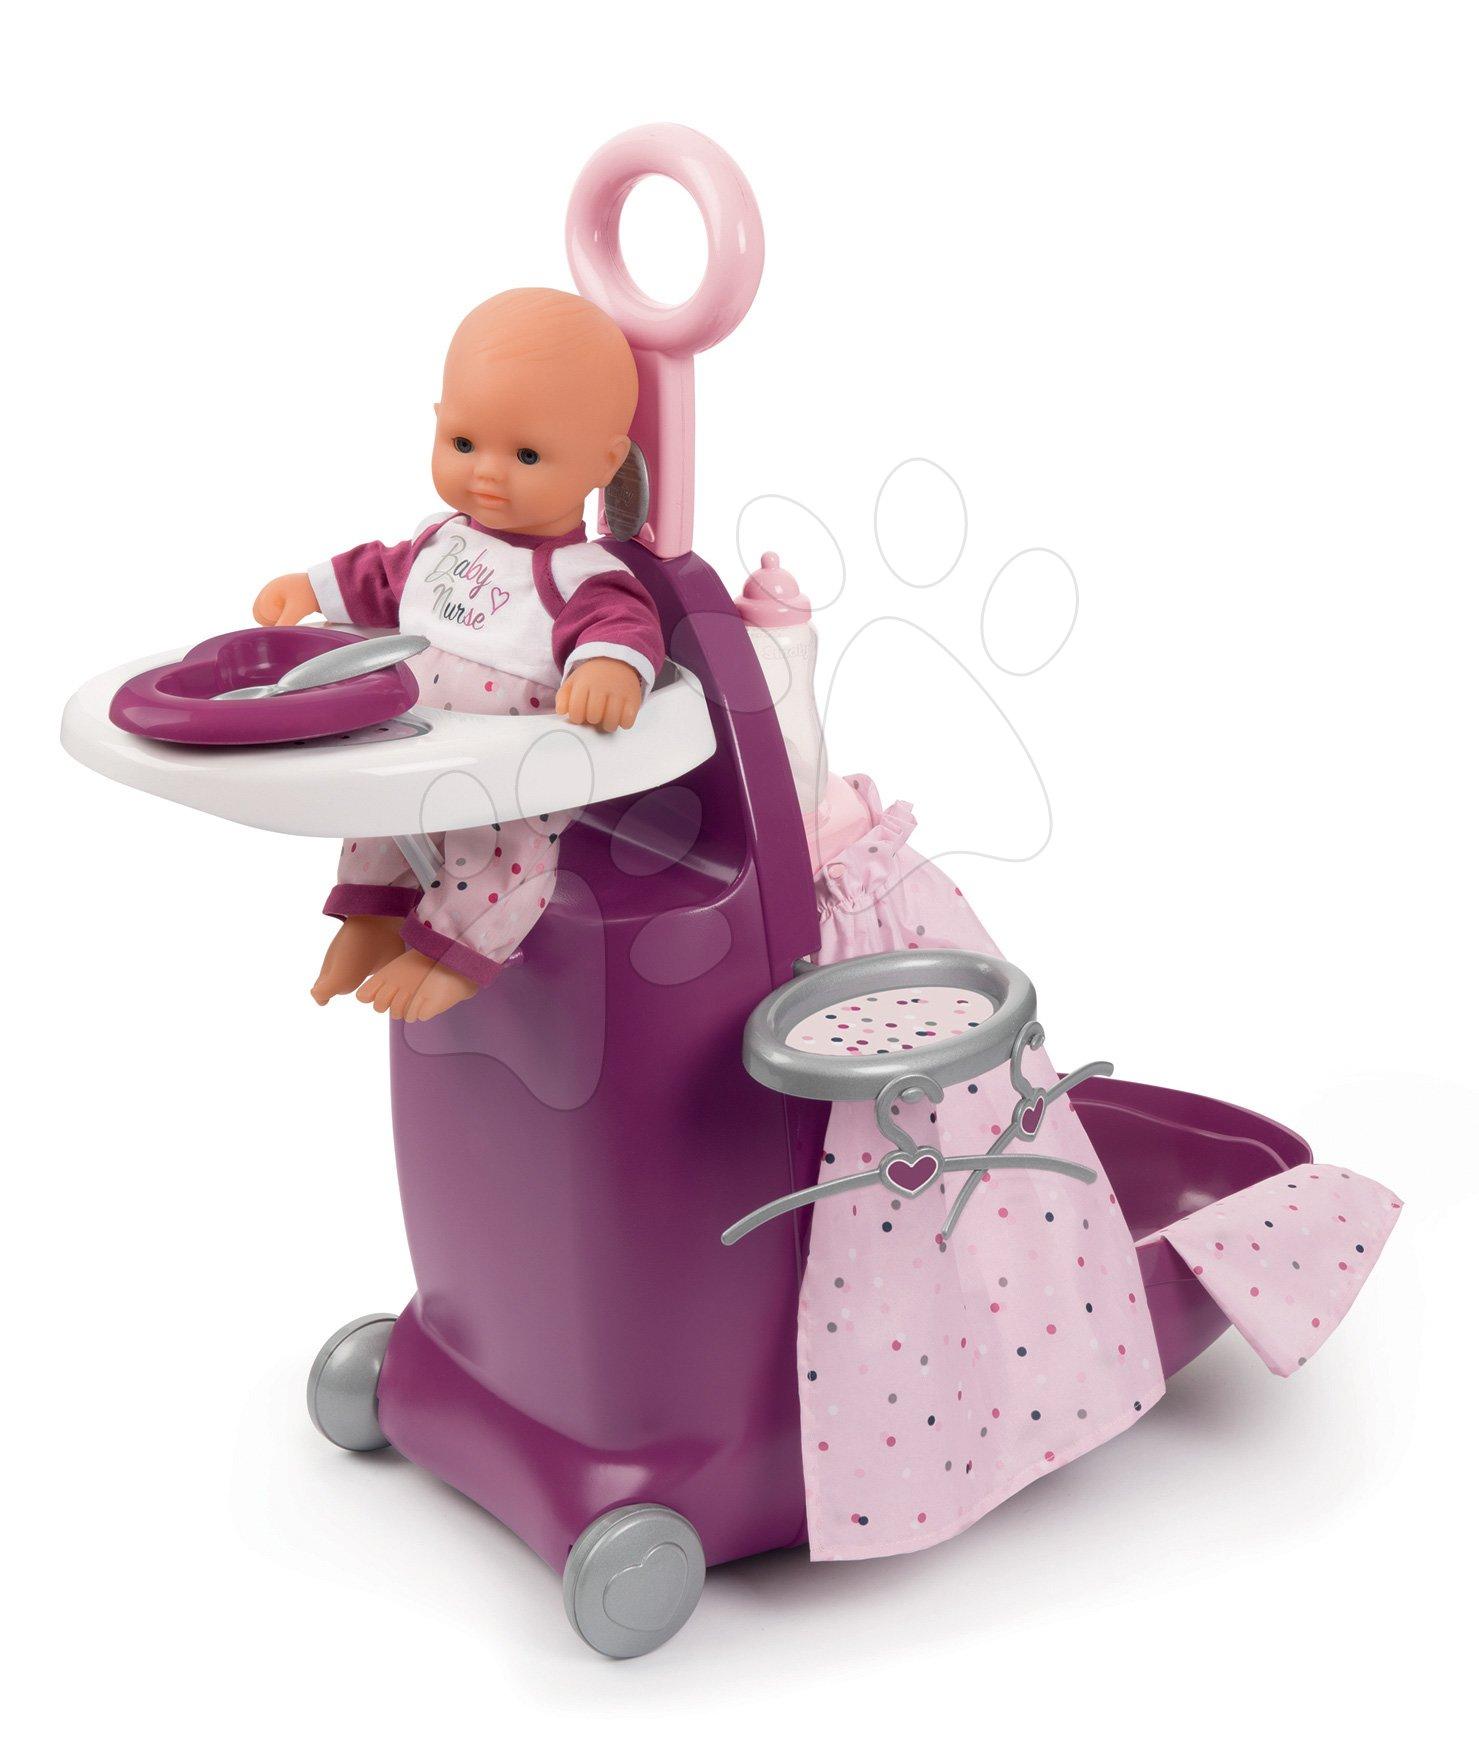 Přebalovací kufřík s postýlkou a židličkou Violette Baby Nurse Smoby pro panenky se 6 doplňky od 18 měsíců